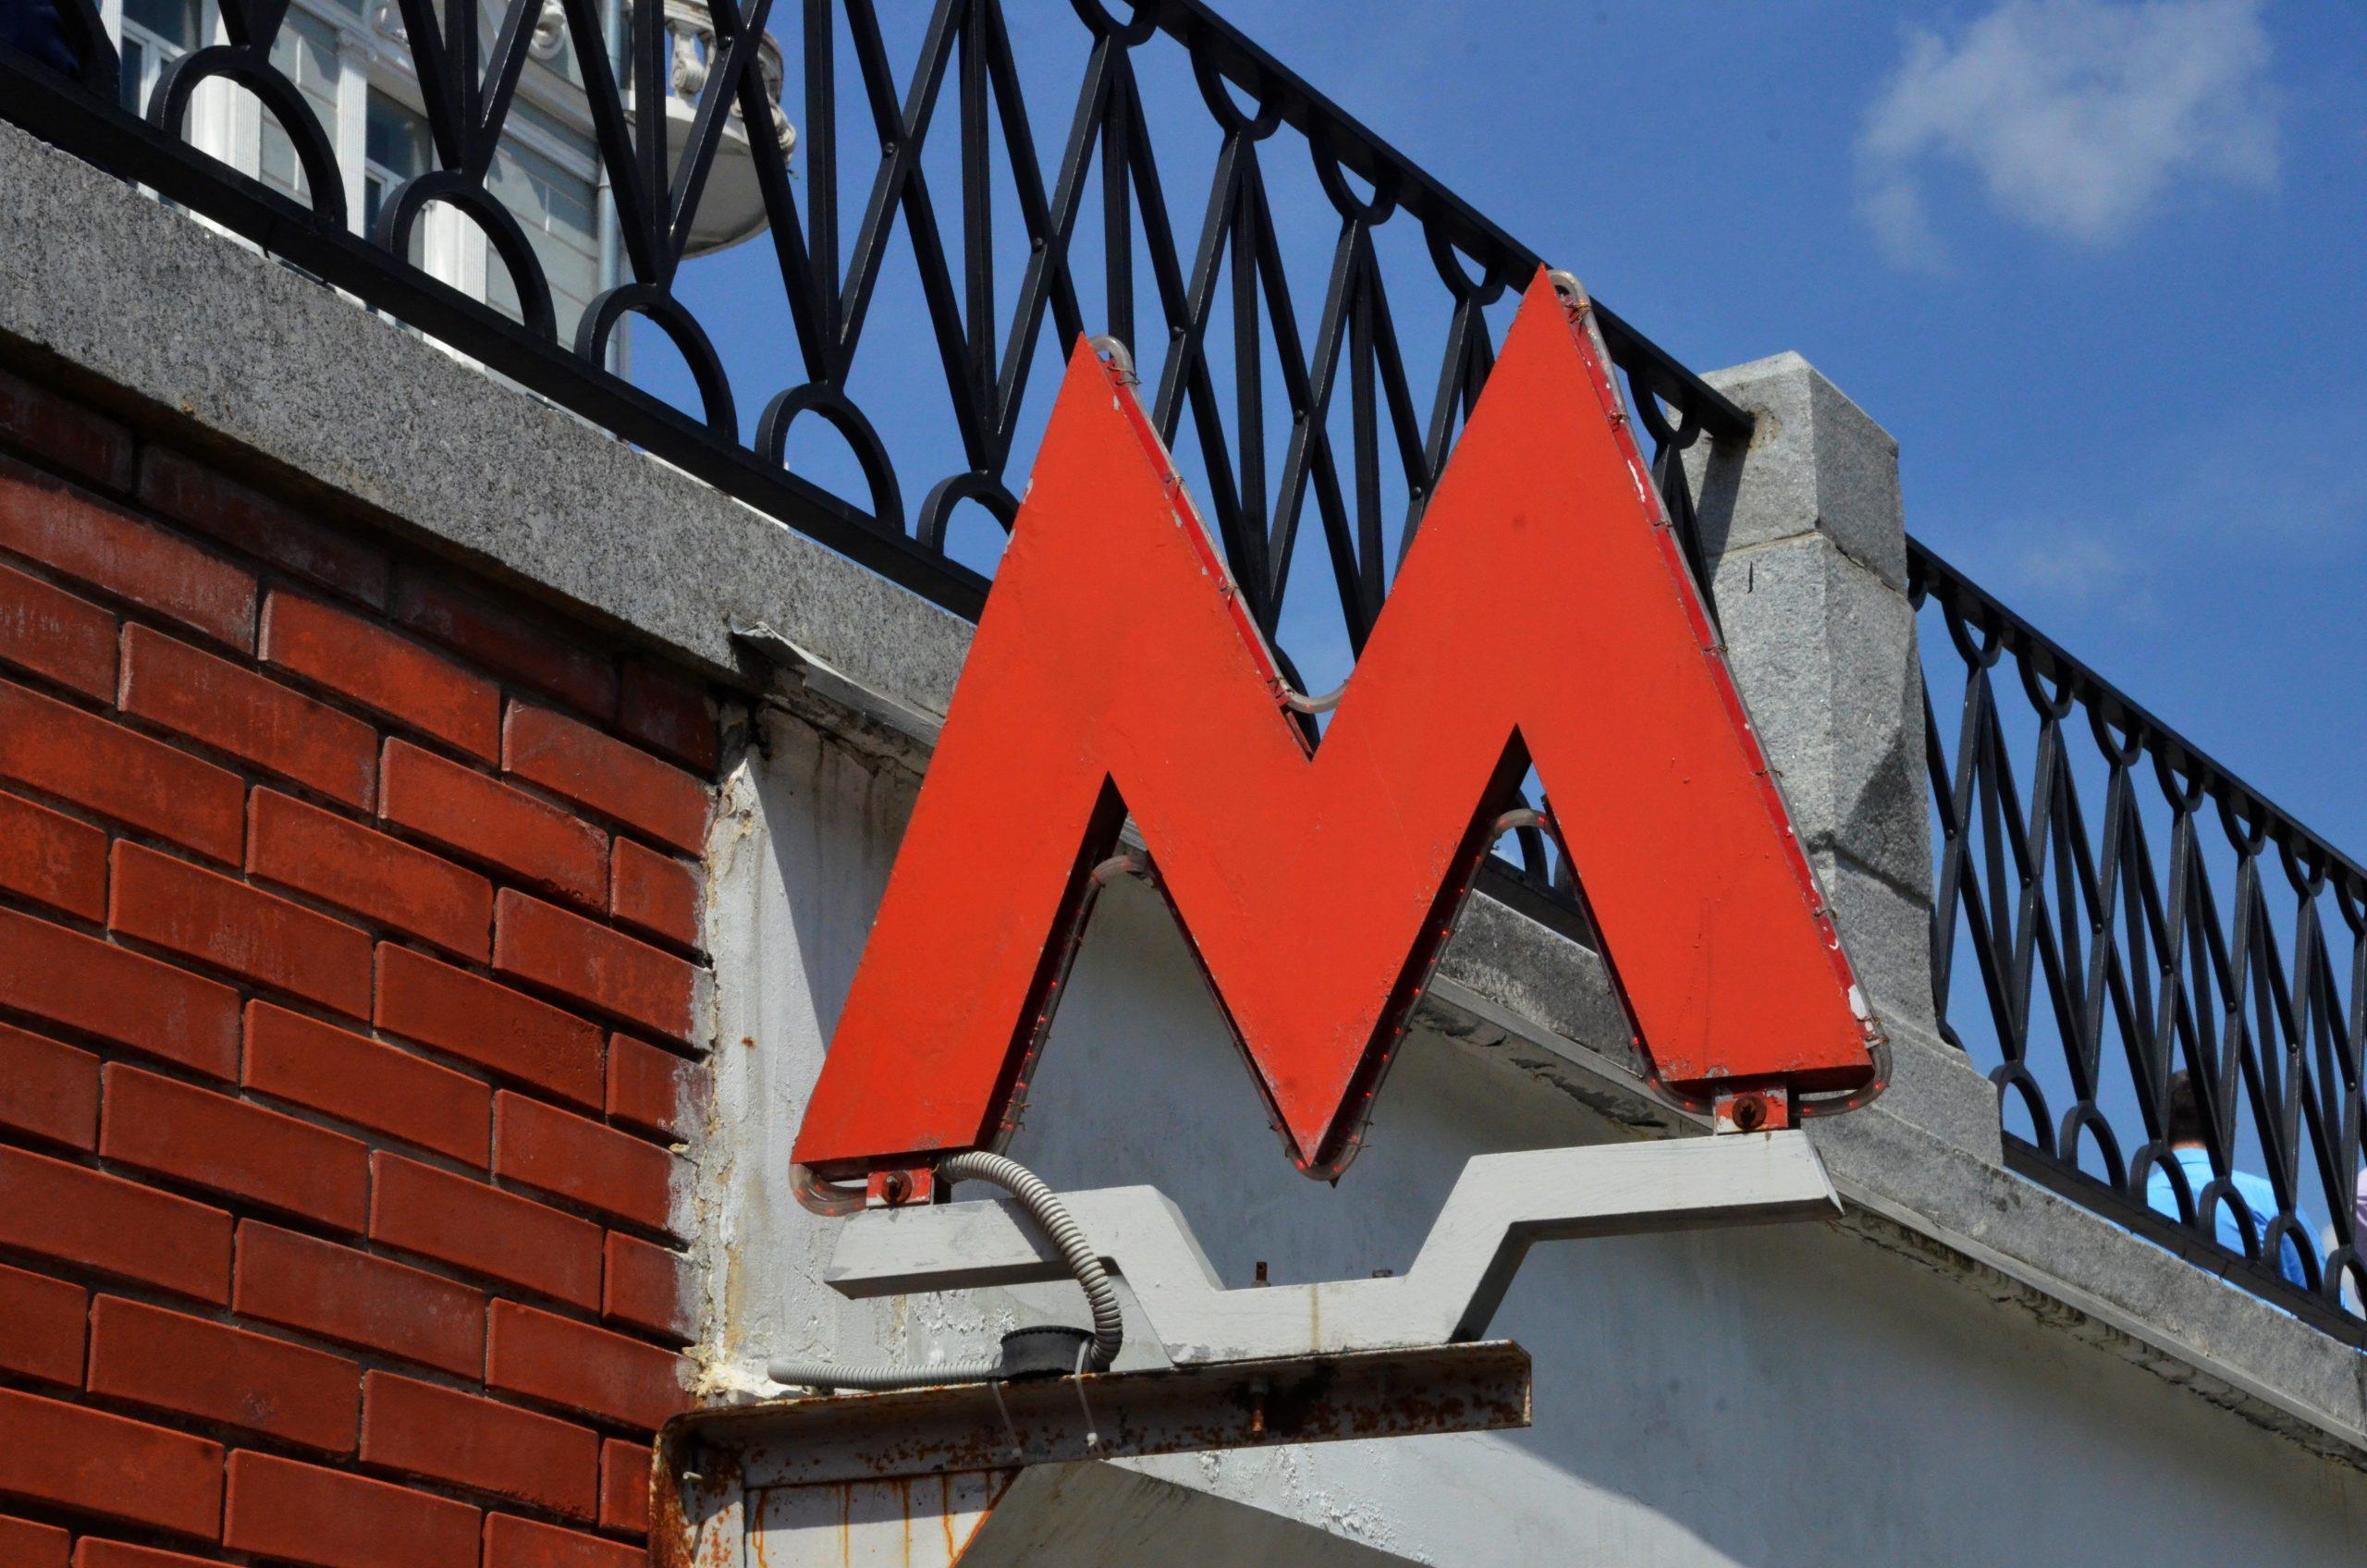 Семь станций метро откроют в Новой Москве до 2023 года